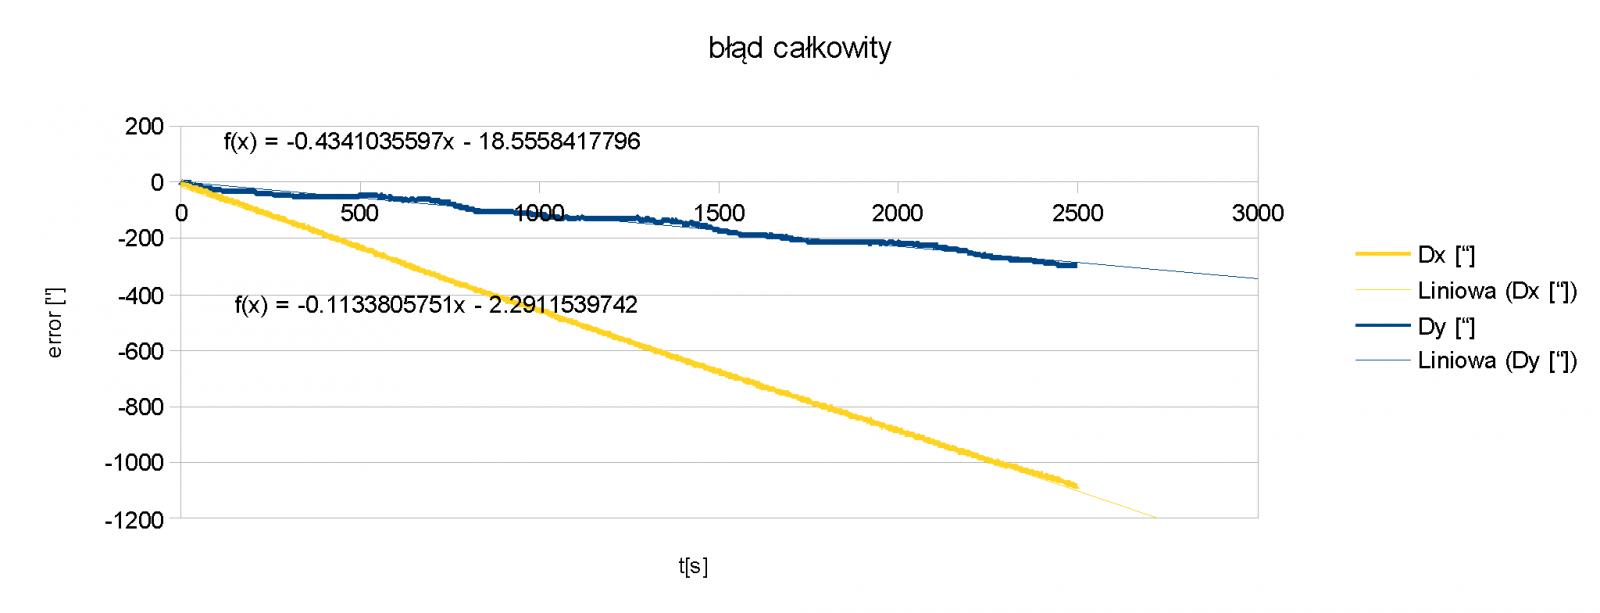 wykres_blad_calkowity_8kwietnia_enkoder.png